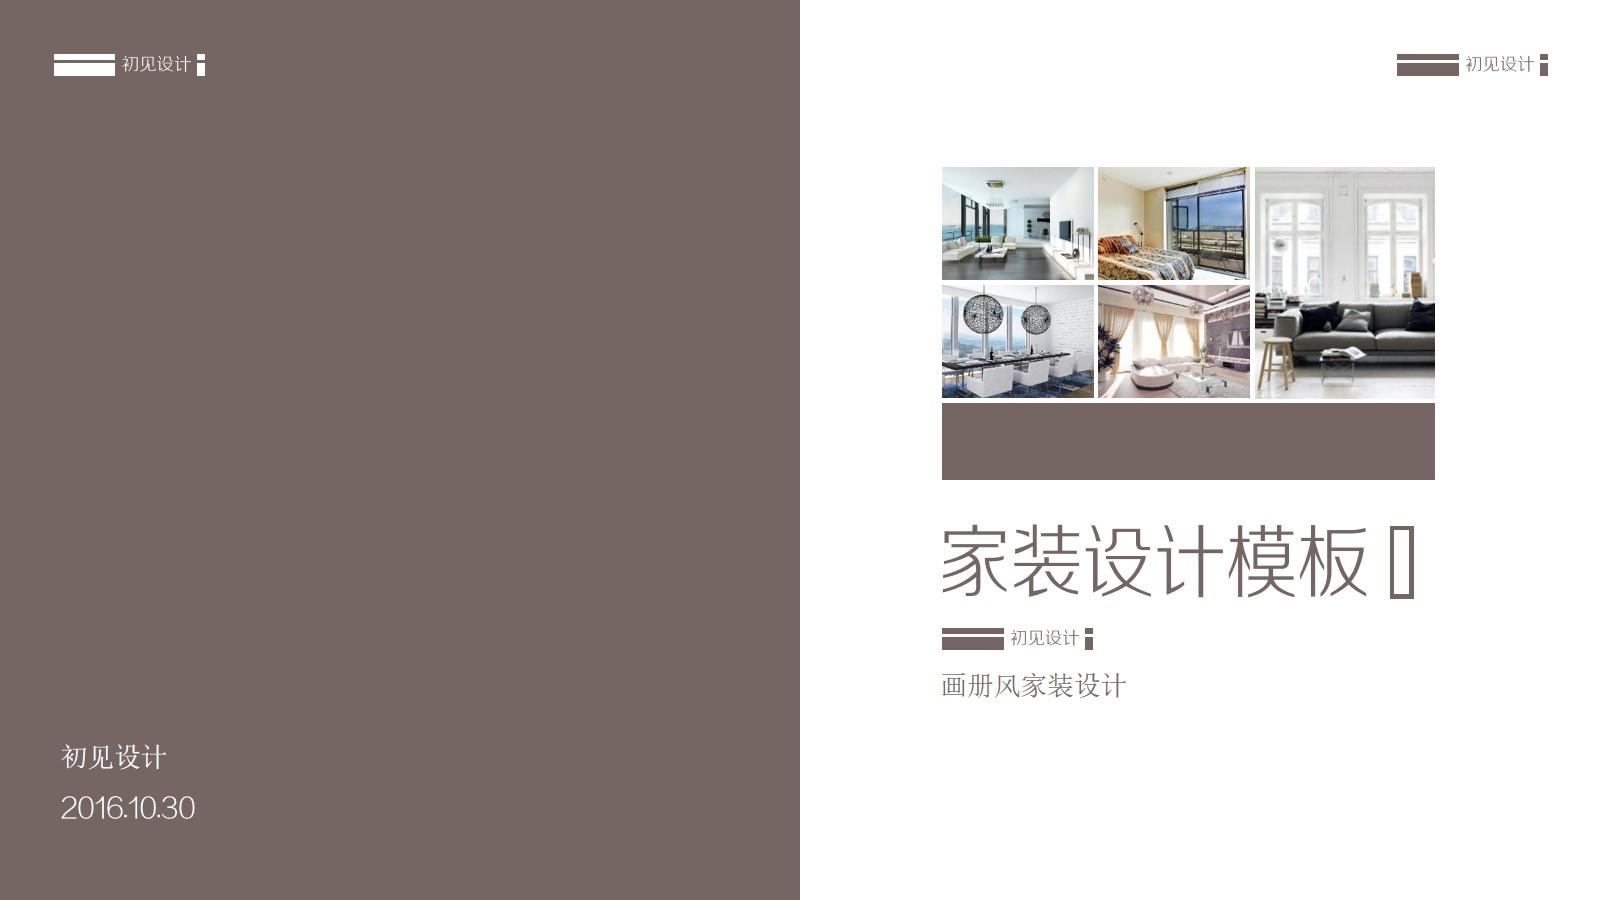 棕色宽屏画册风格装修设计展示PPT模板